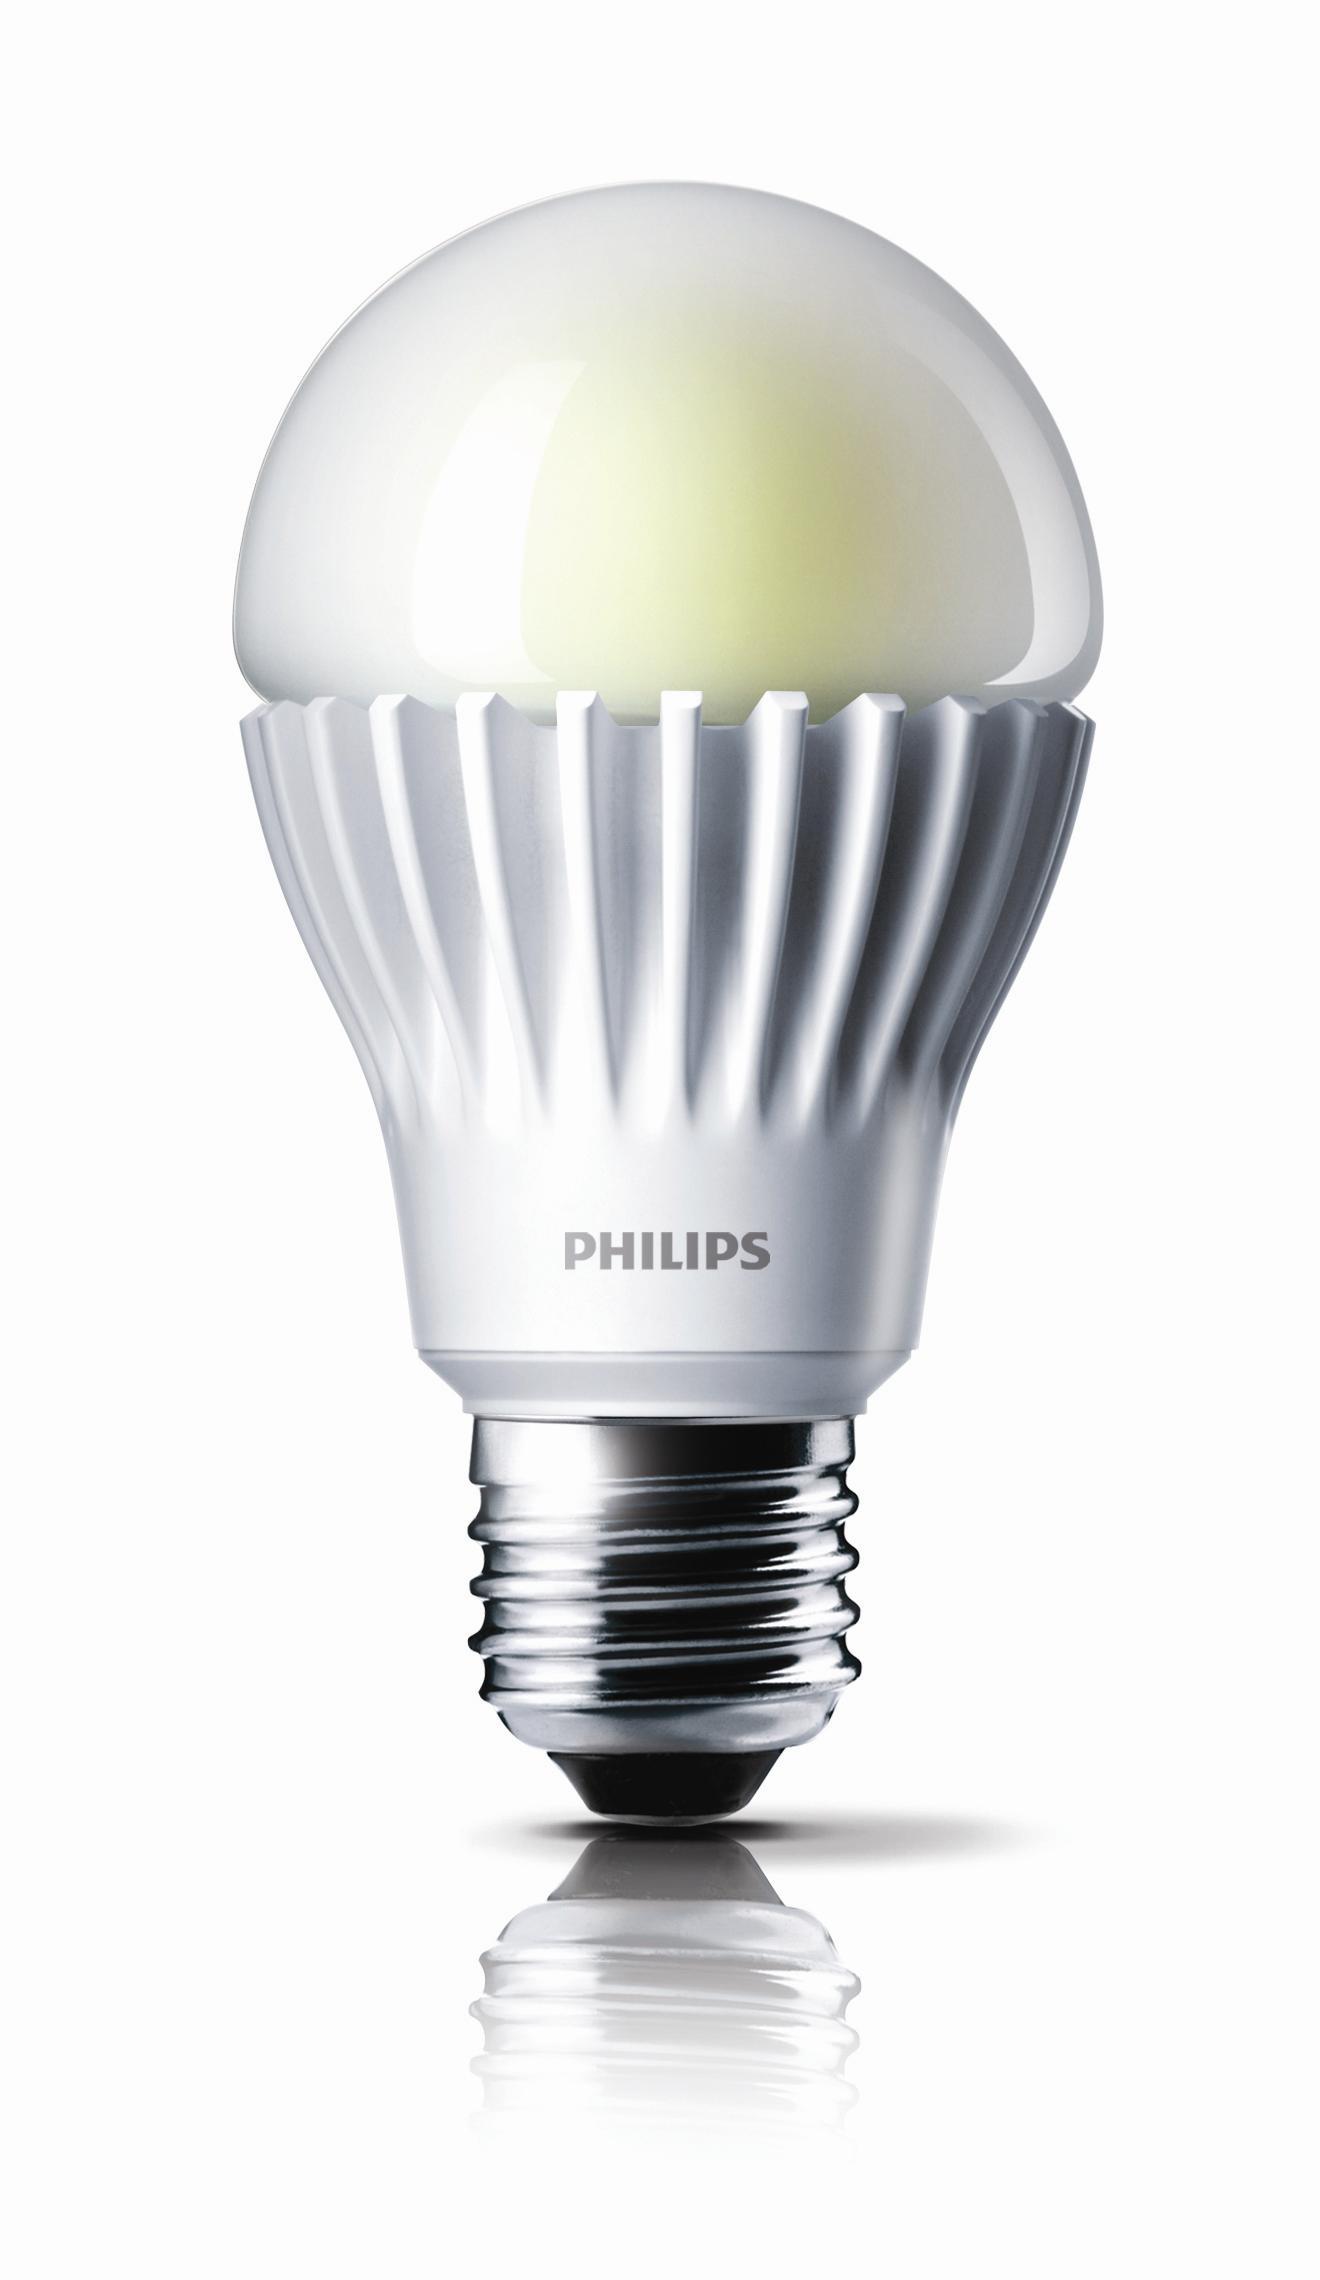 KELEMBUTAN ELEGAN CAHAYA LAMPU LED